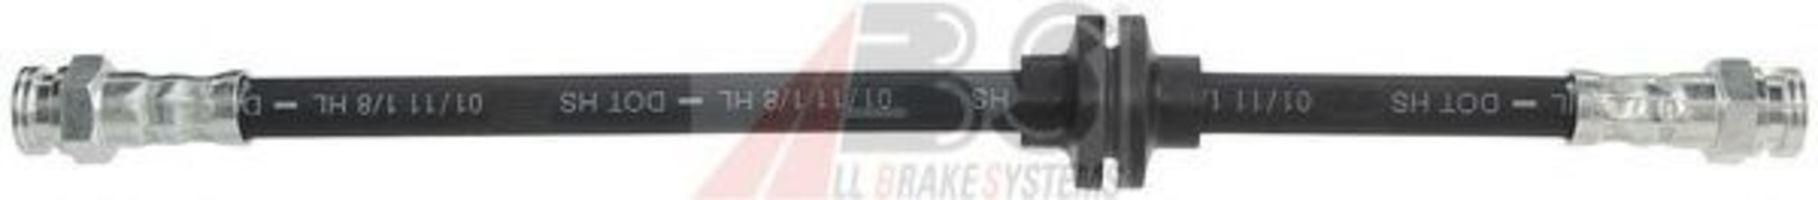 Шланг тормозной A.B.S. SL5776